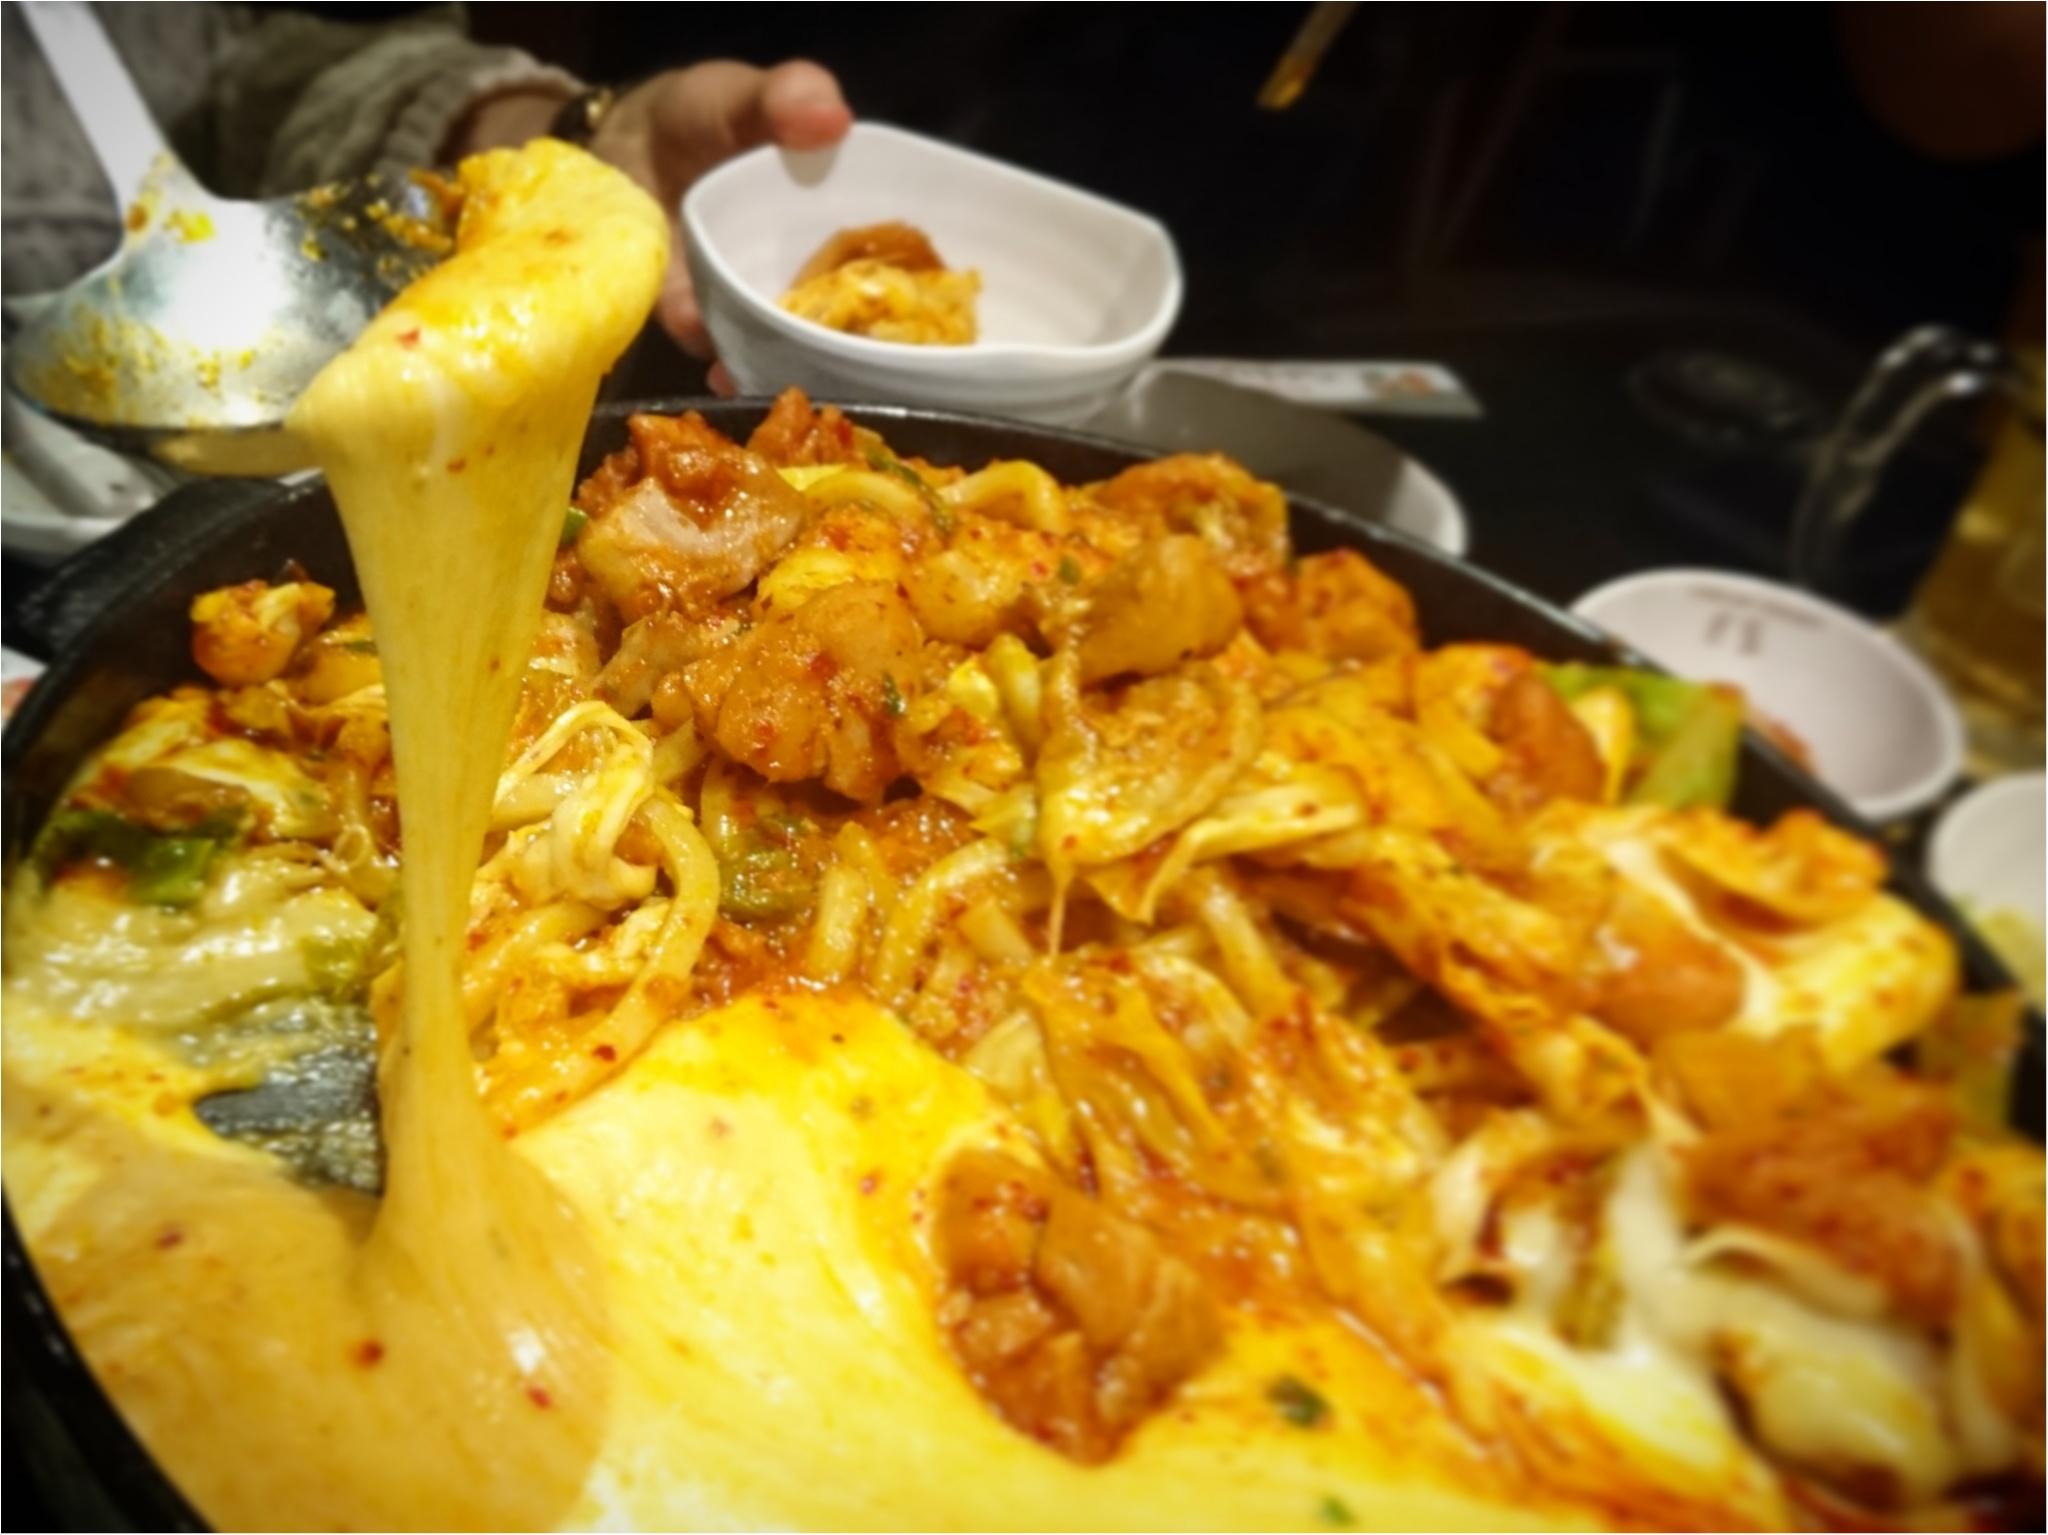 【 グルメ 】SNS 映え抜群 ★ とろ~っとろっのチーズが魅力 ! 話題沸騰中の『チーズタッカルビ』を食べに行こう ♪_1